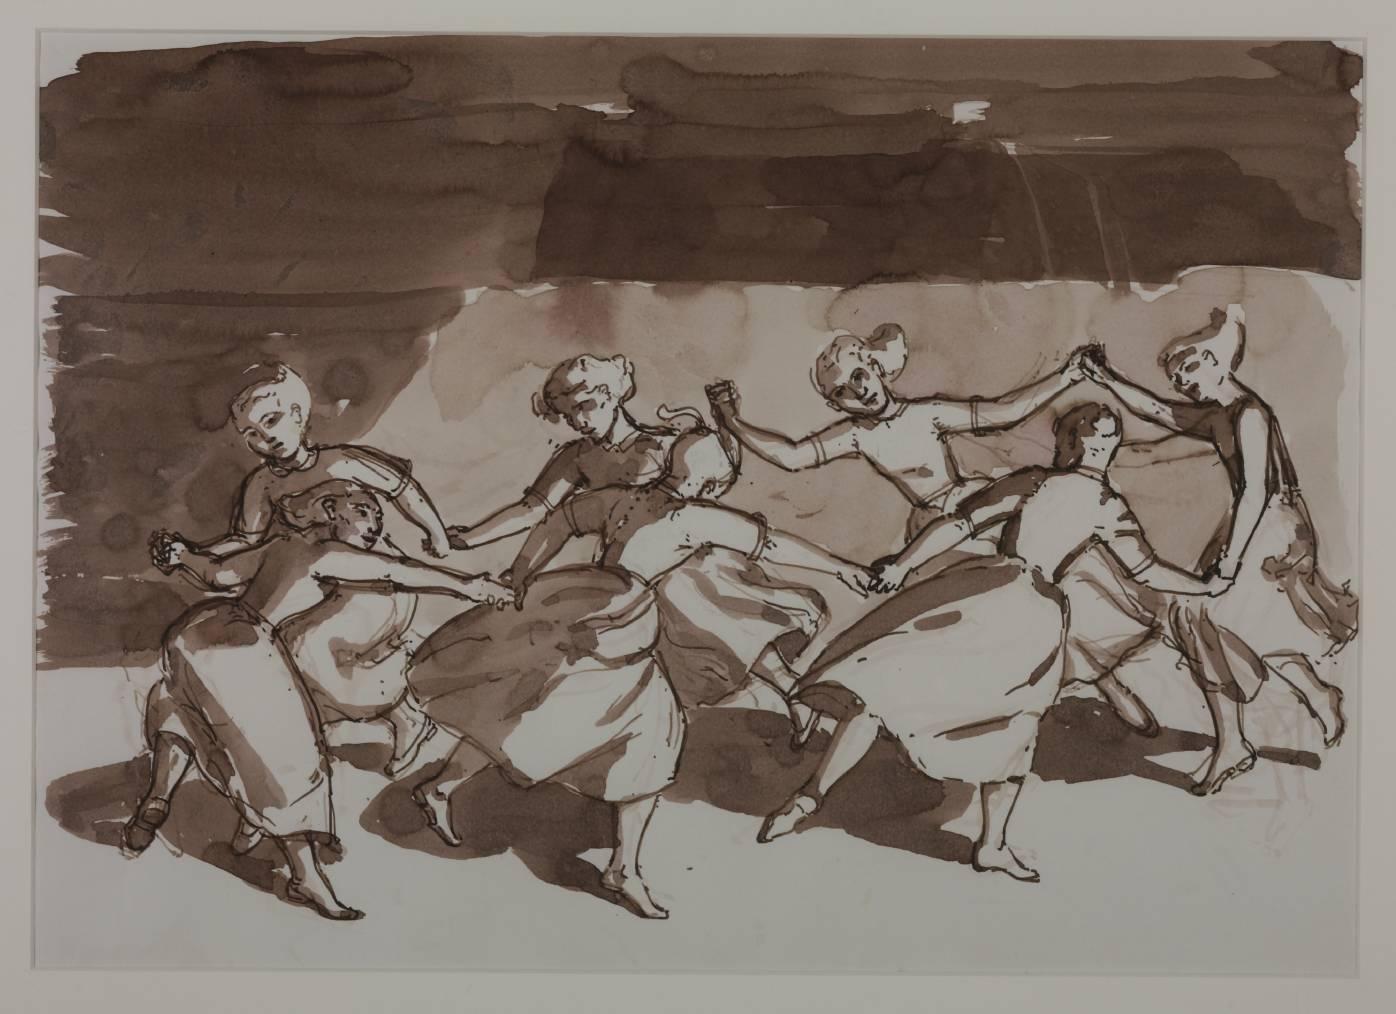 paula rego and edvard munch dance panathinaeos